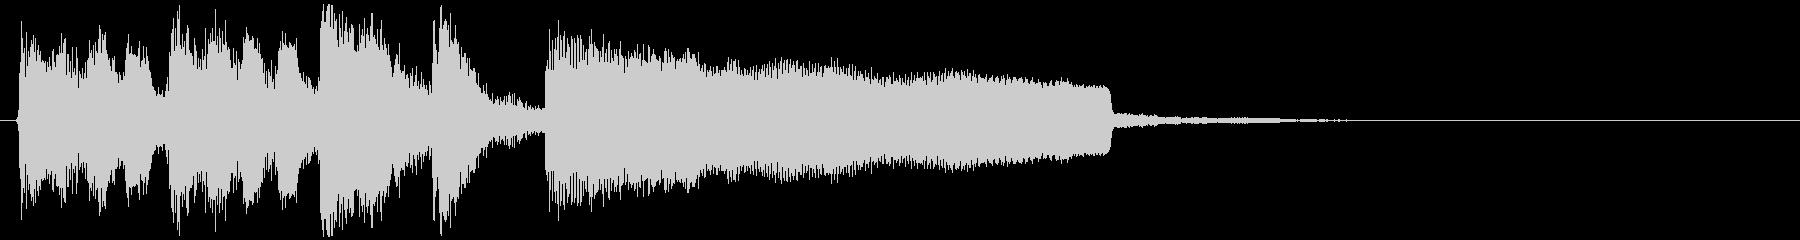 ぐるぐる目が回る雰囲気のサウンドロゴの未再生の波形